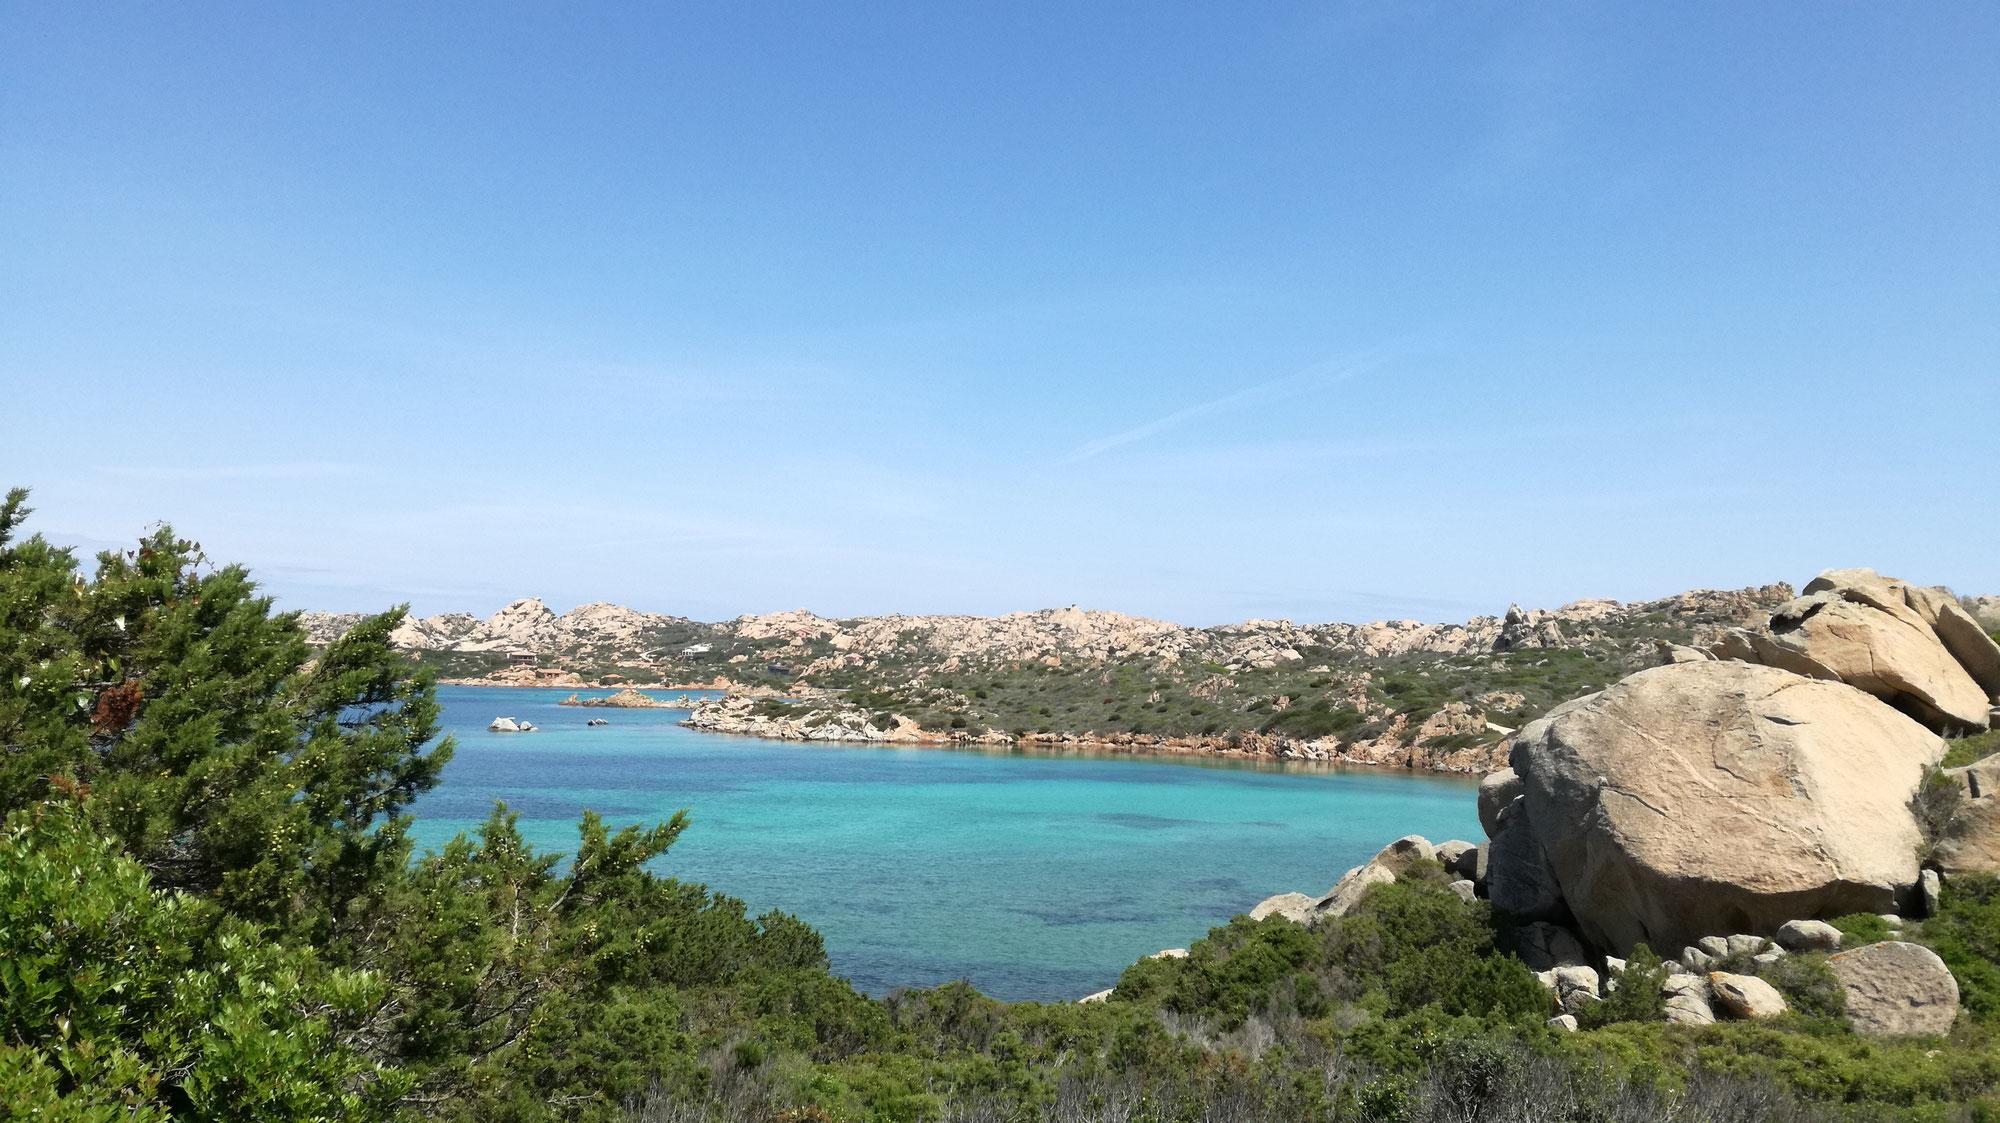 Sardiniens Norden oder Süden - Wo ist es schöner?